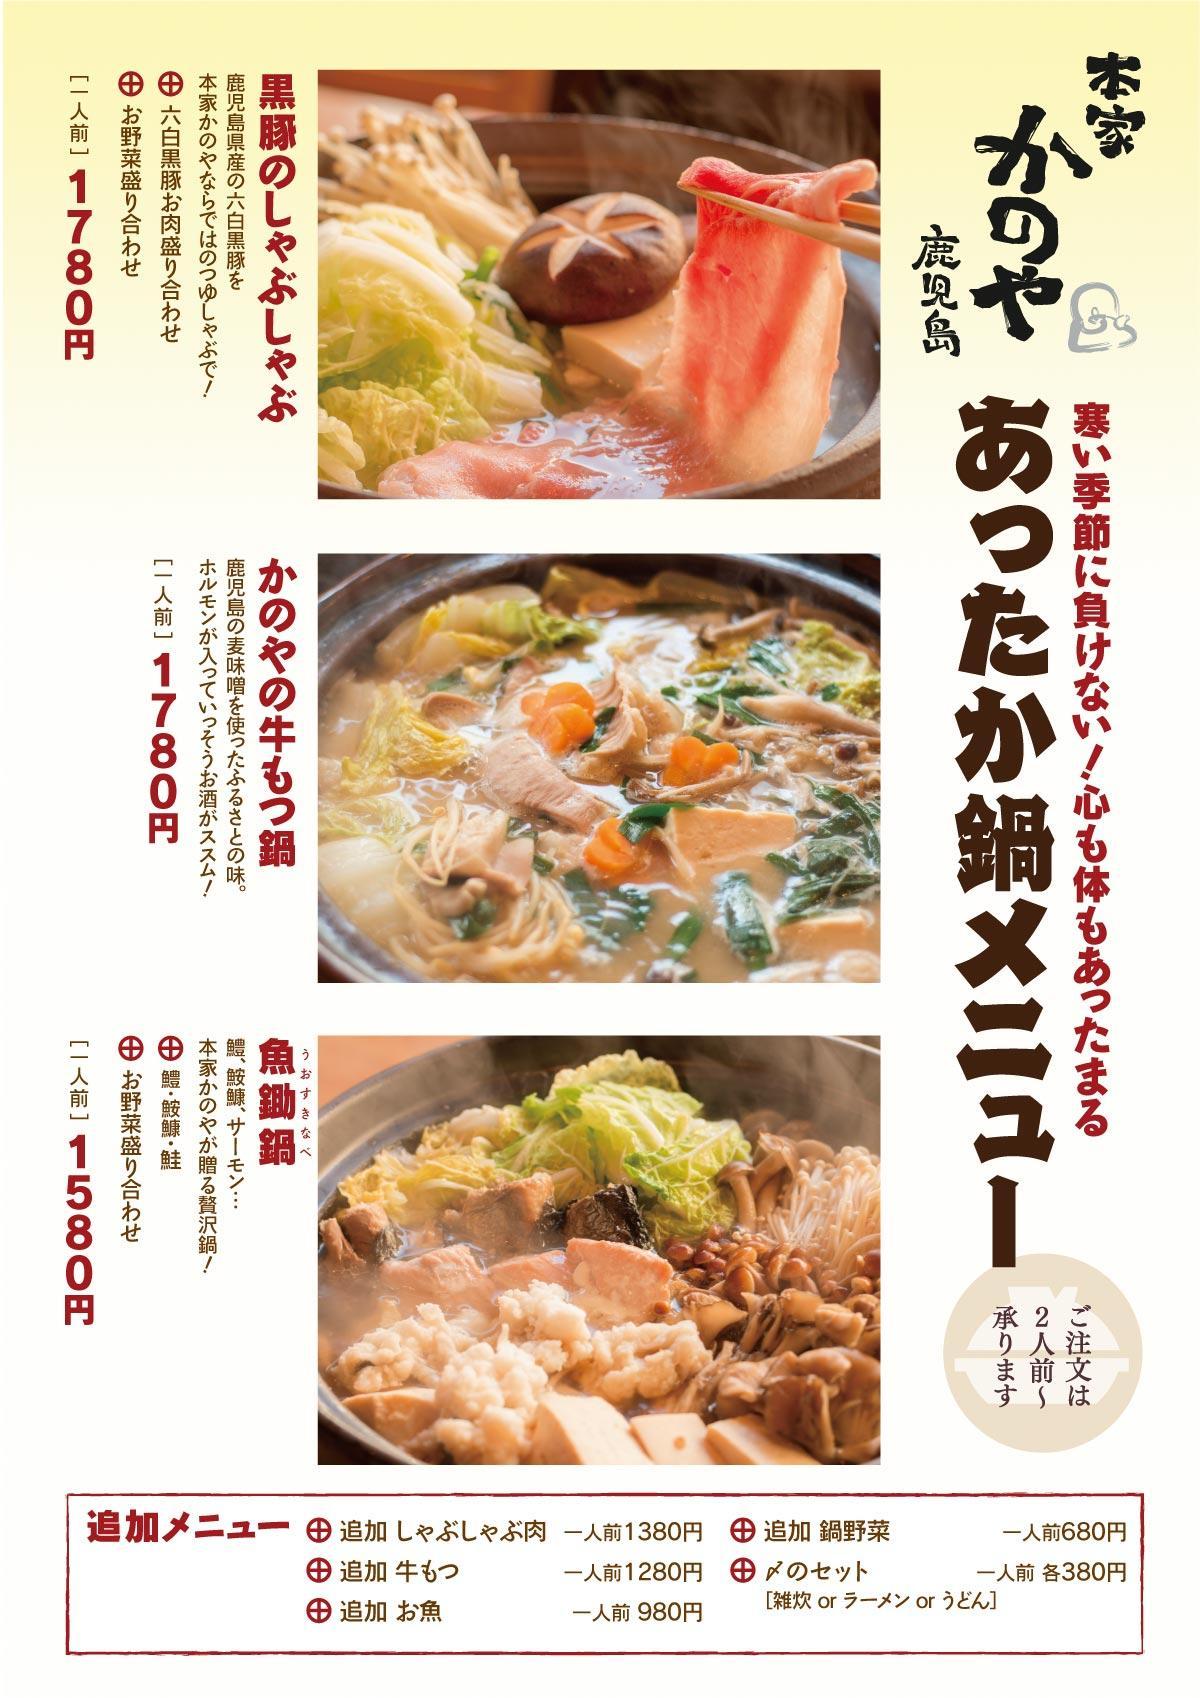 kanoya_nabe_MENU_1711.jpg